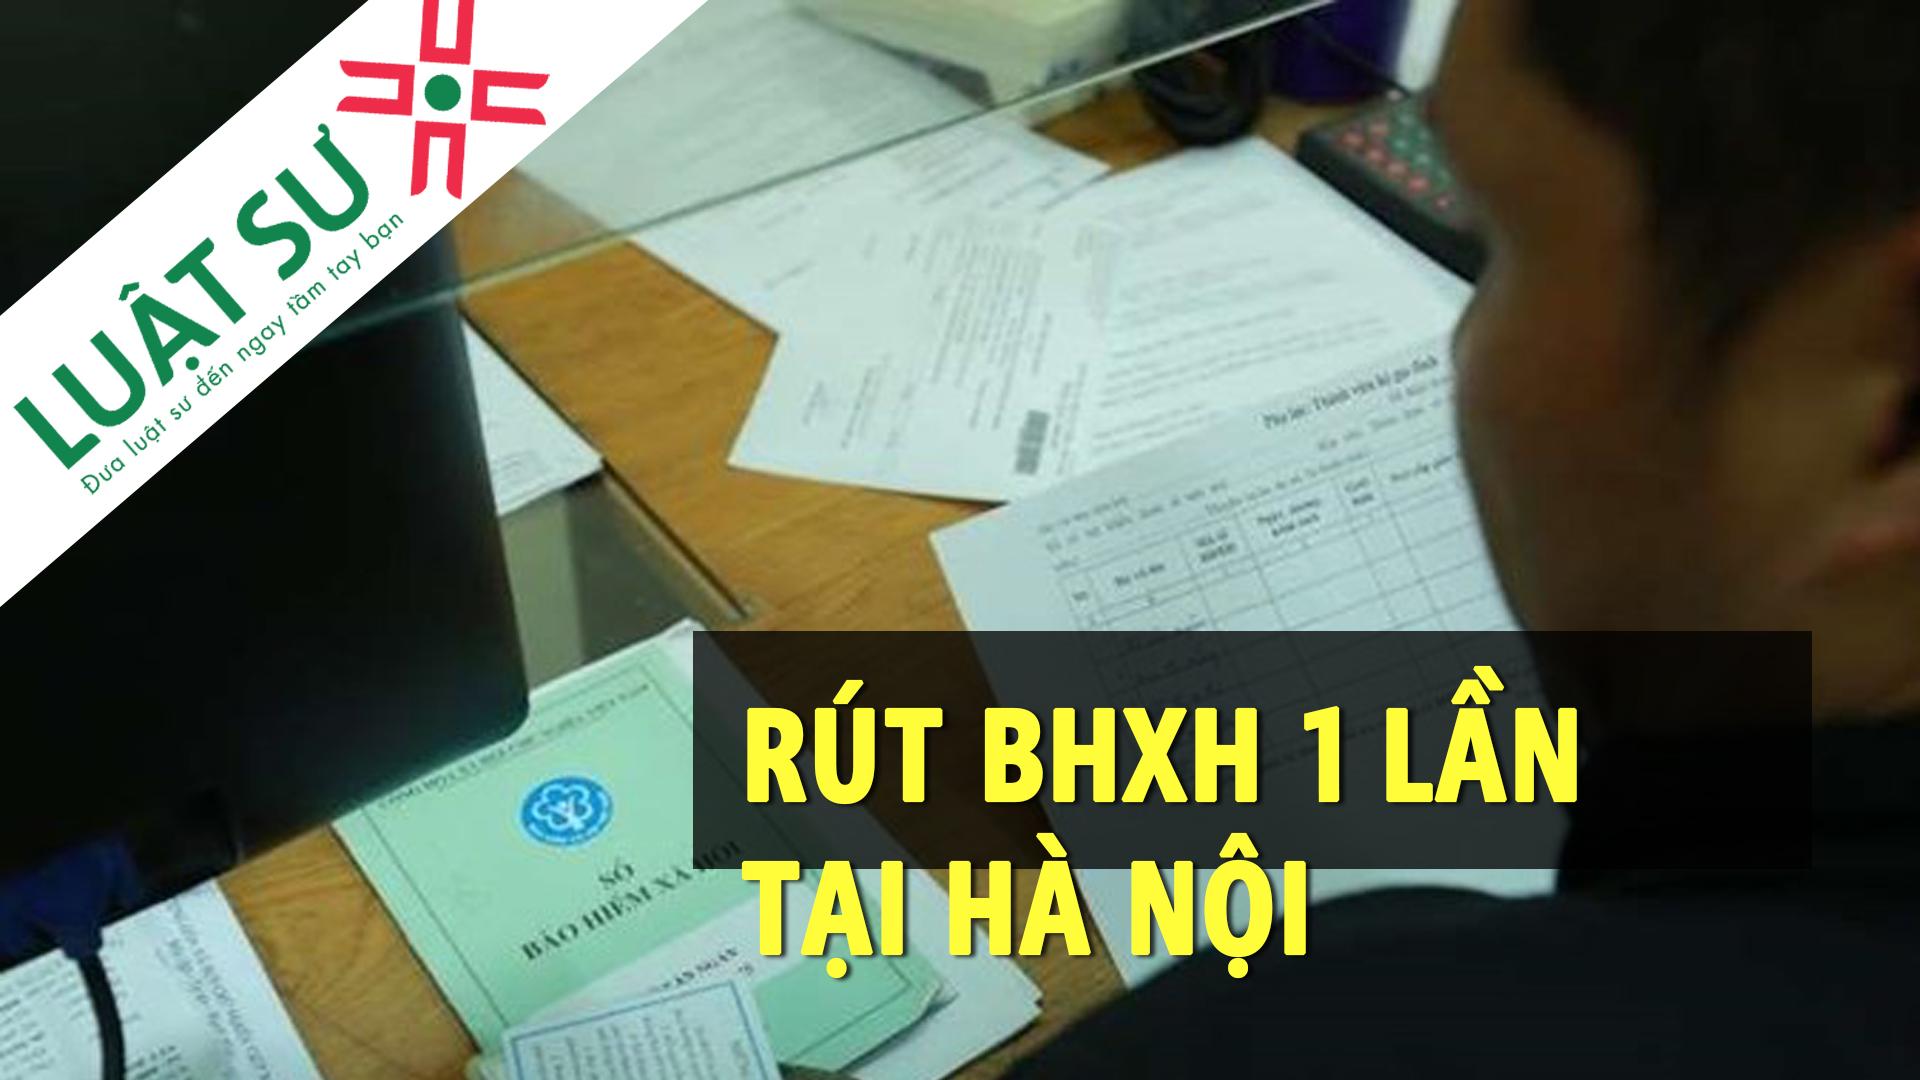 Rút bảo hiểm xã hội 1 lần tại Hà Nội